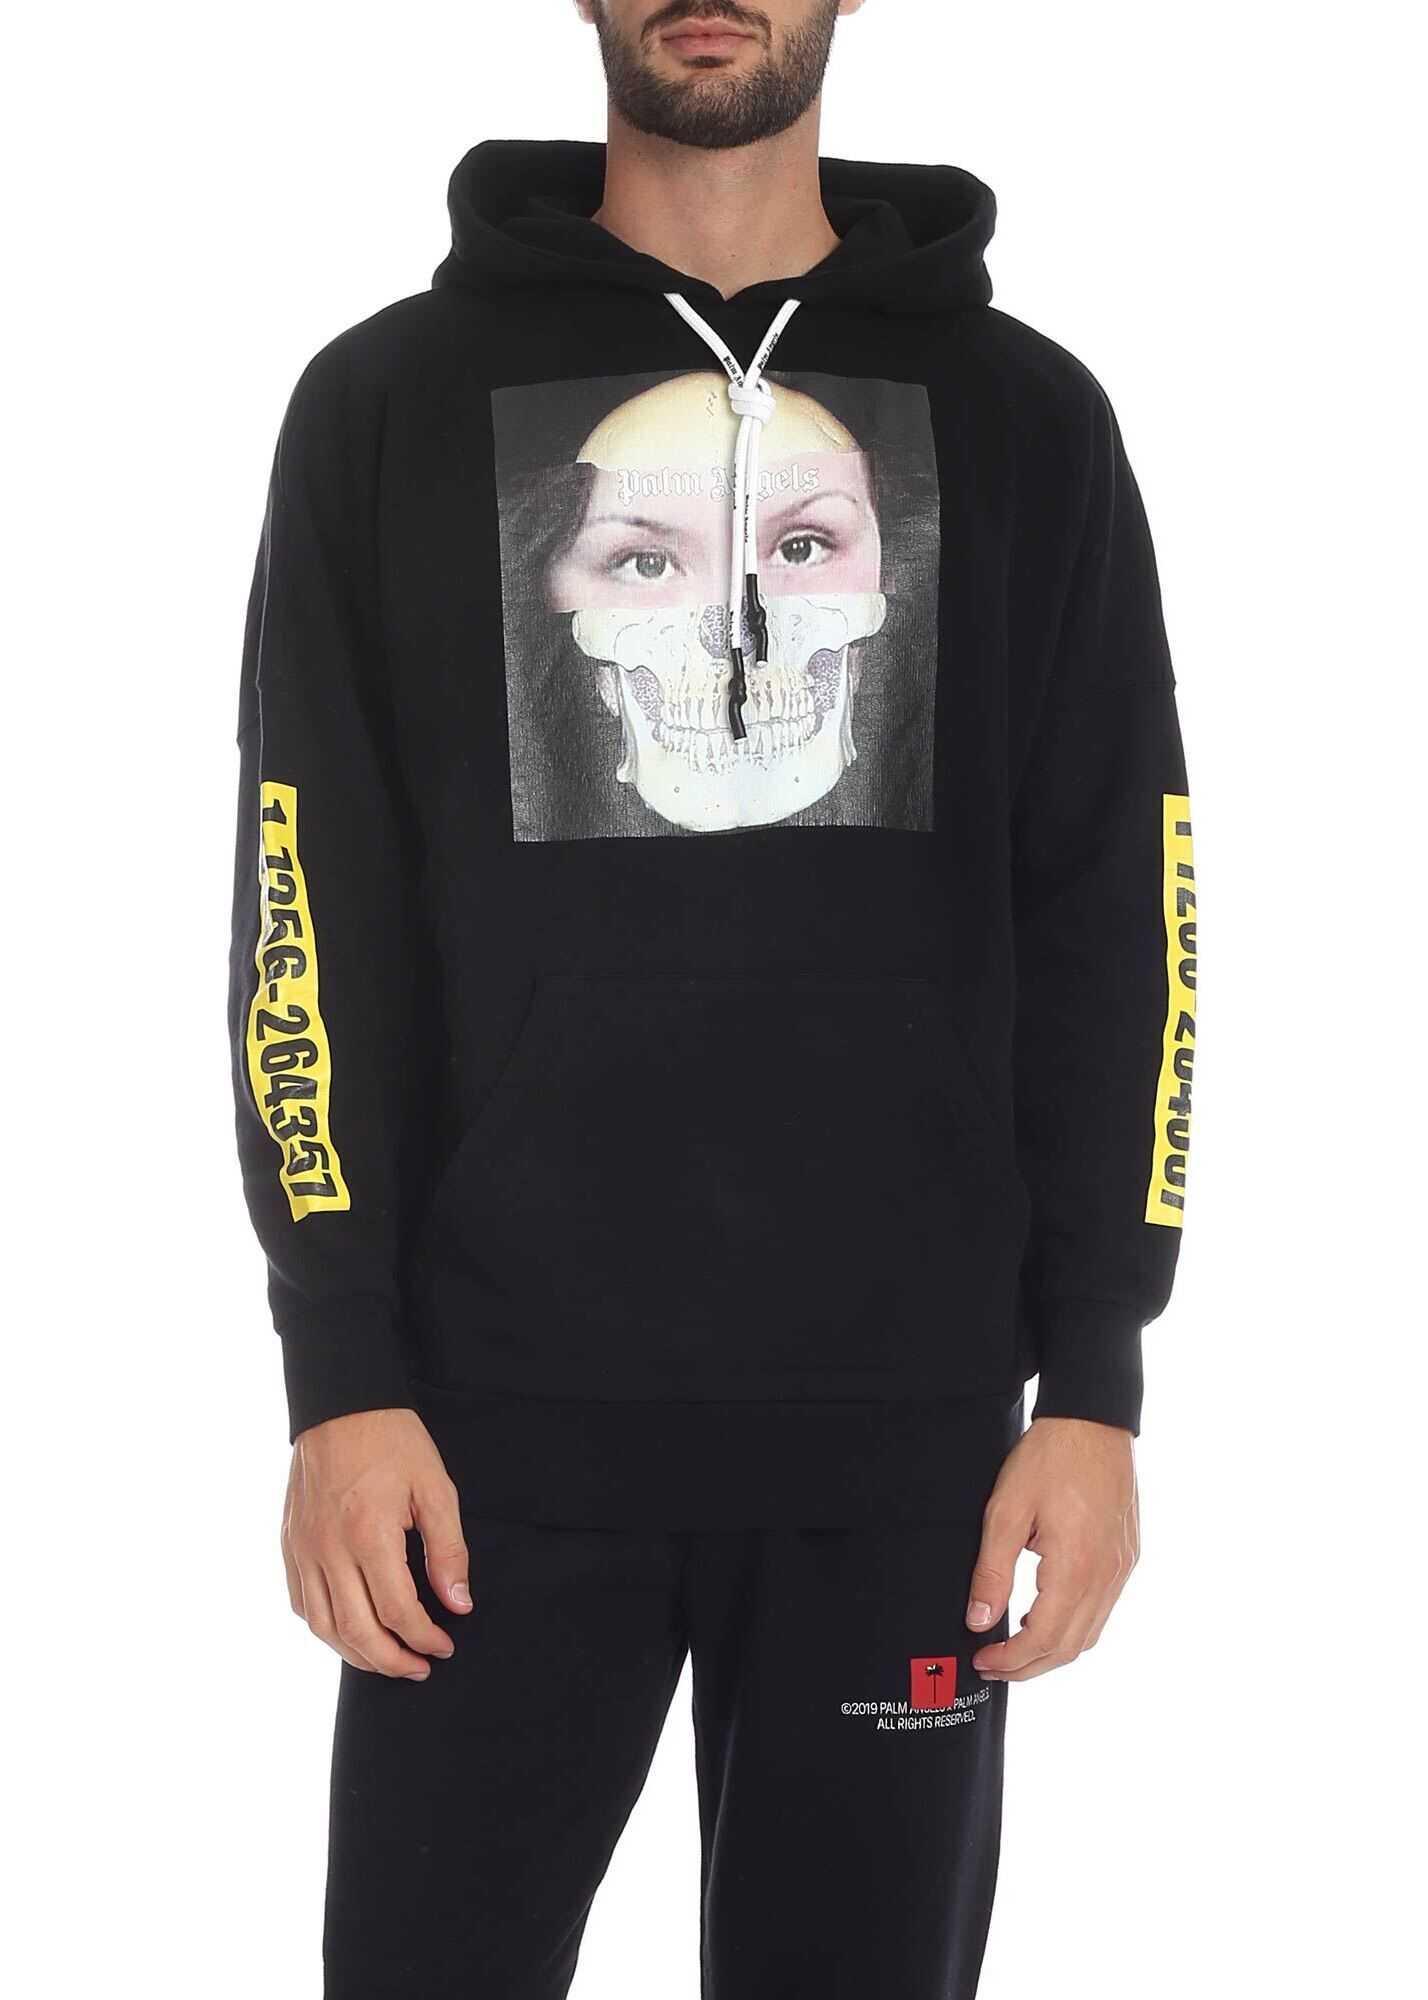 Palm Angels Mj Hoody Sweatshirt In Black Black